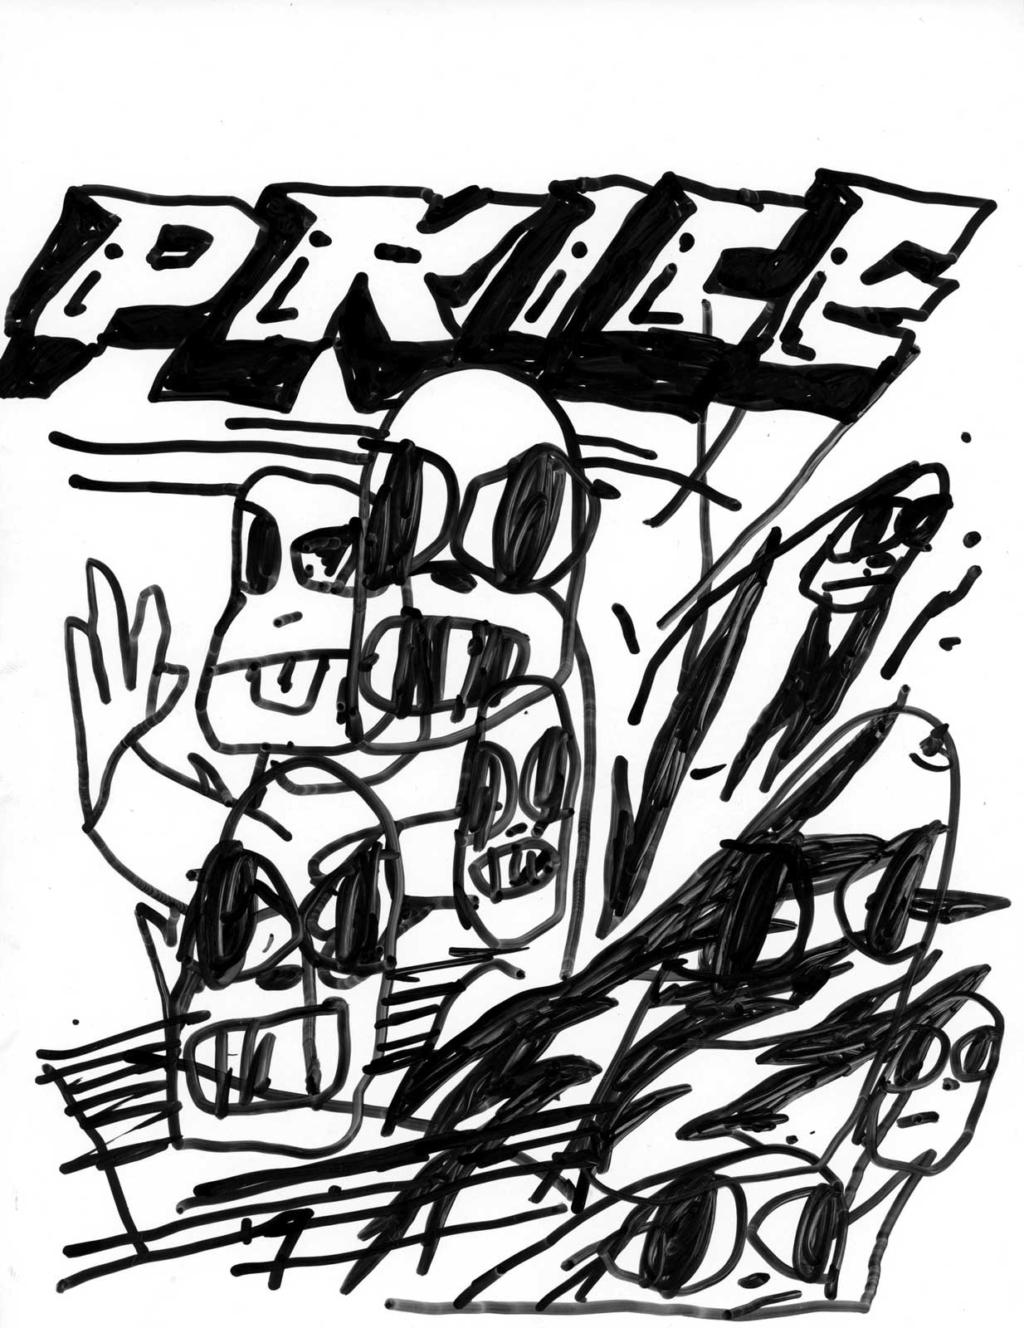 Kurt Woerpel drawings